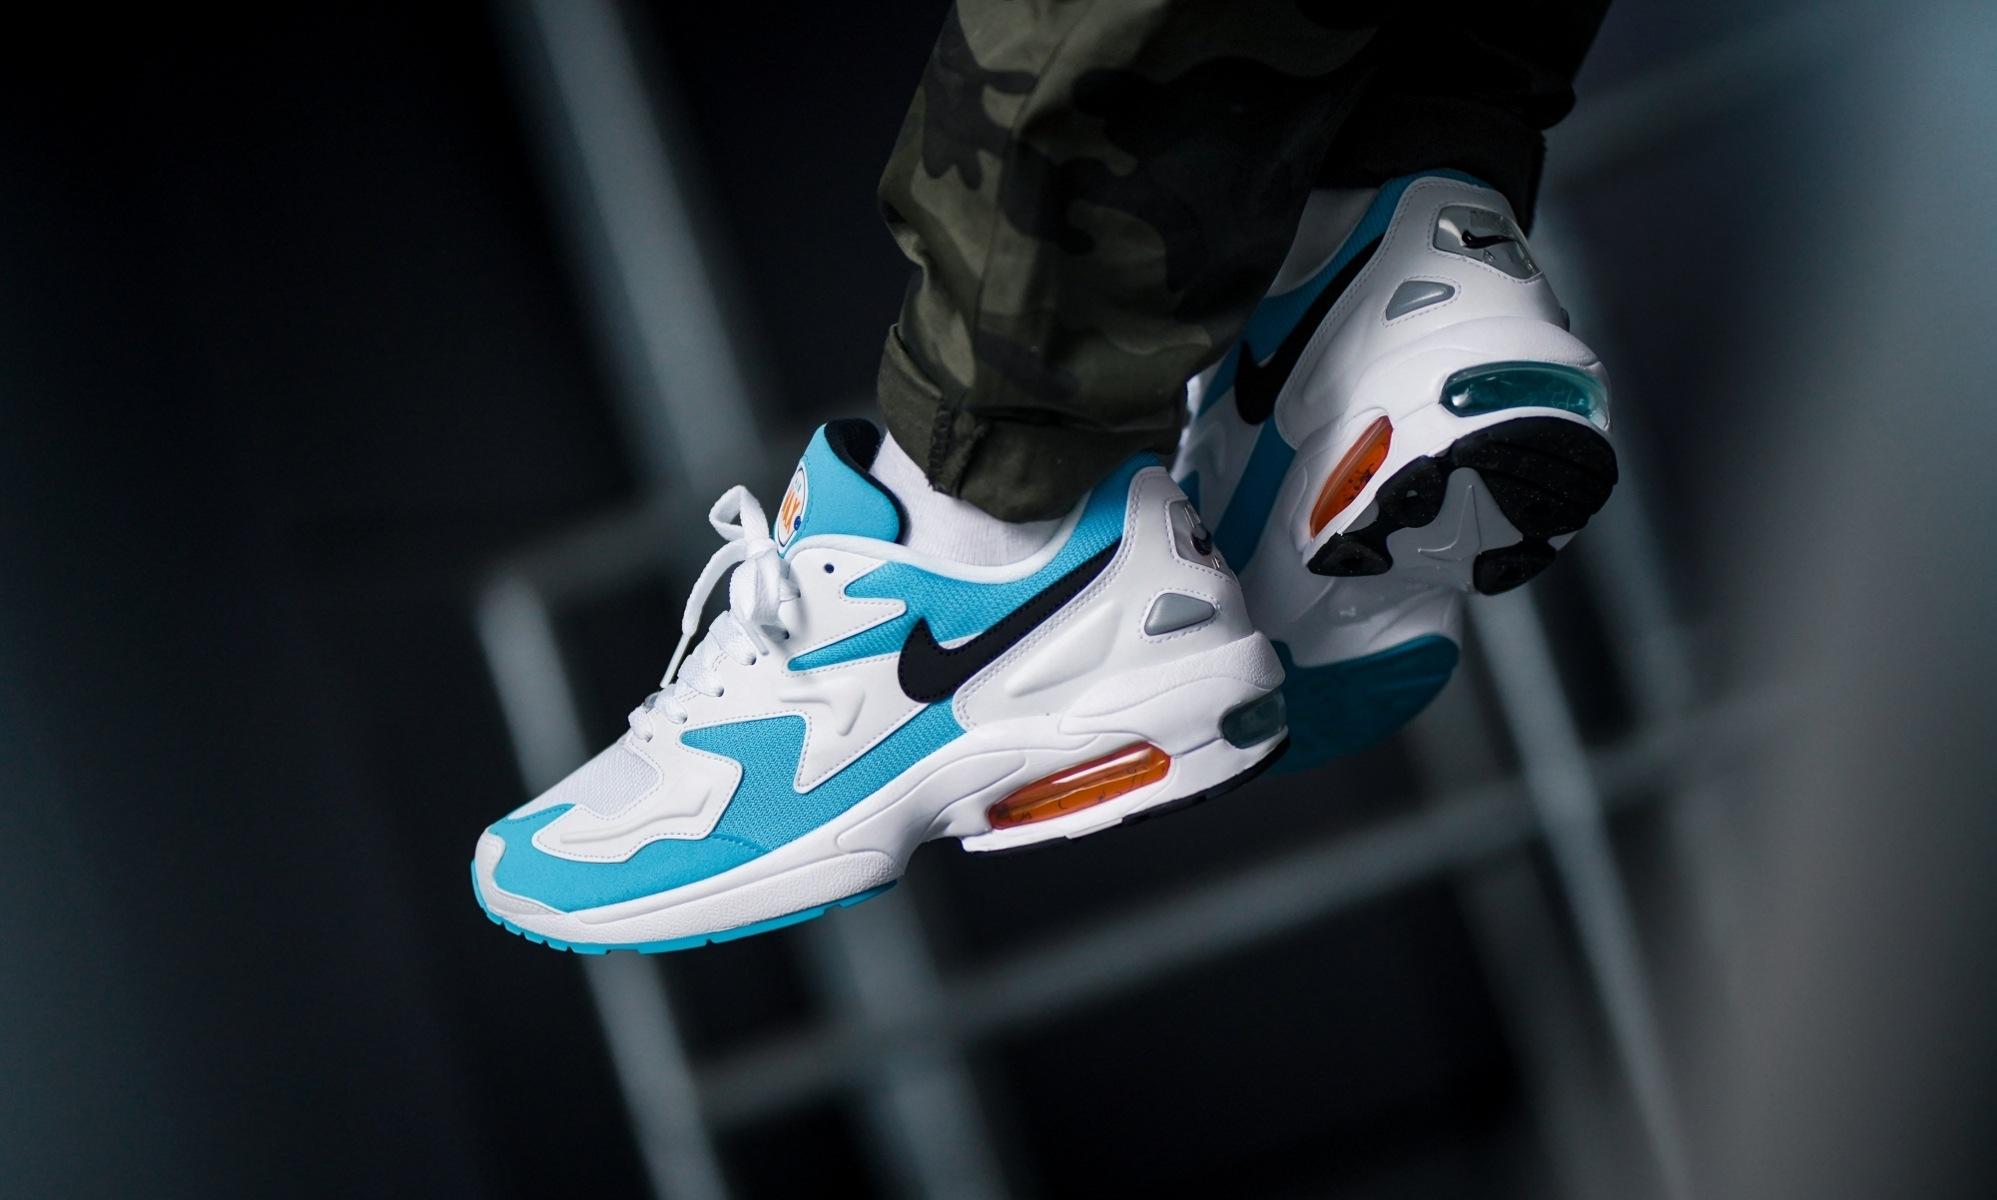 Nike Air Max 2 Light Blue Lagoon